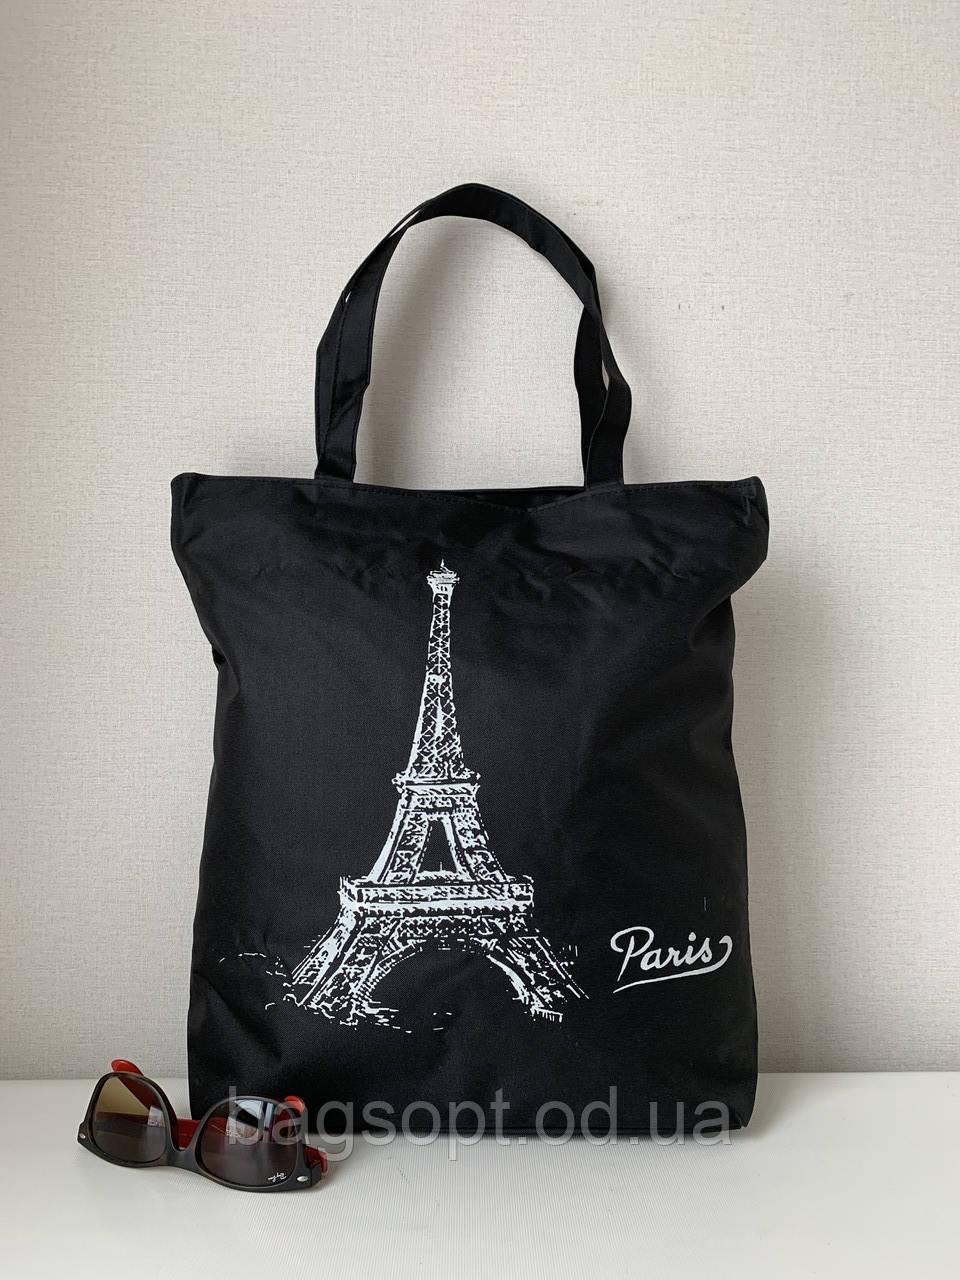 Черная тканевая сумка шоппер из ткани молодежная